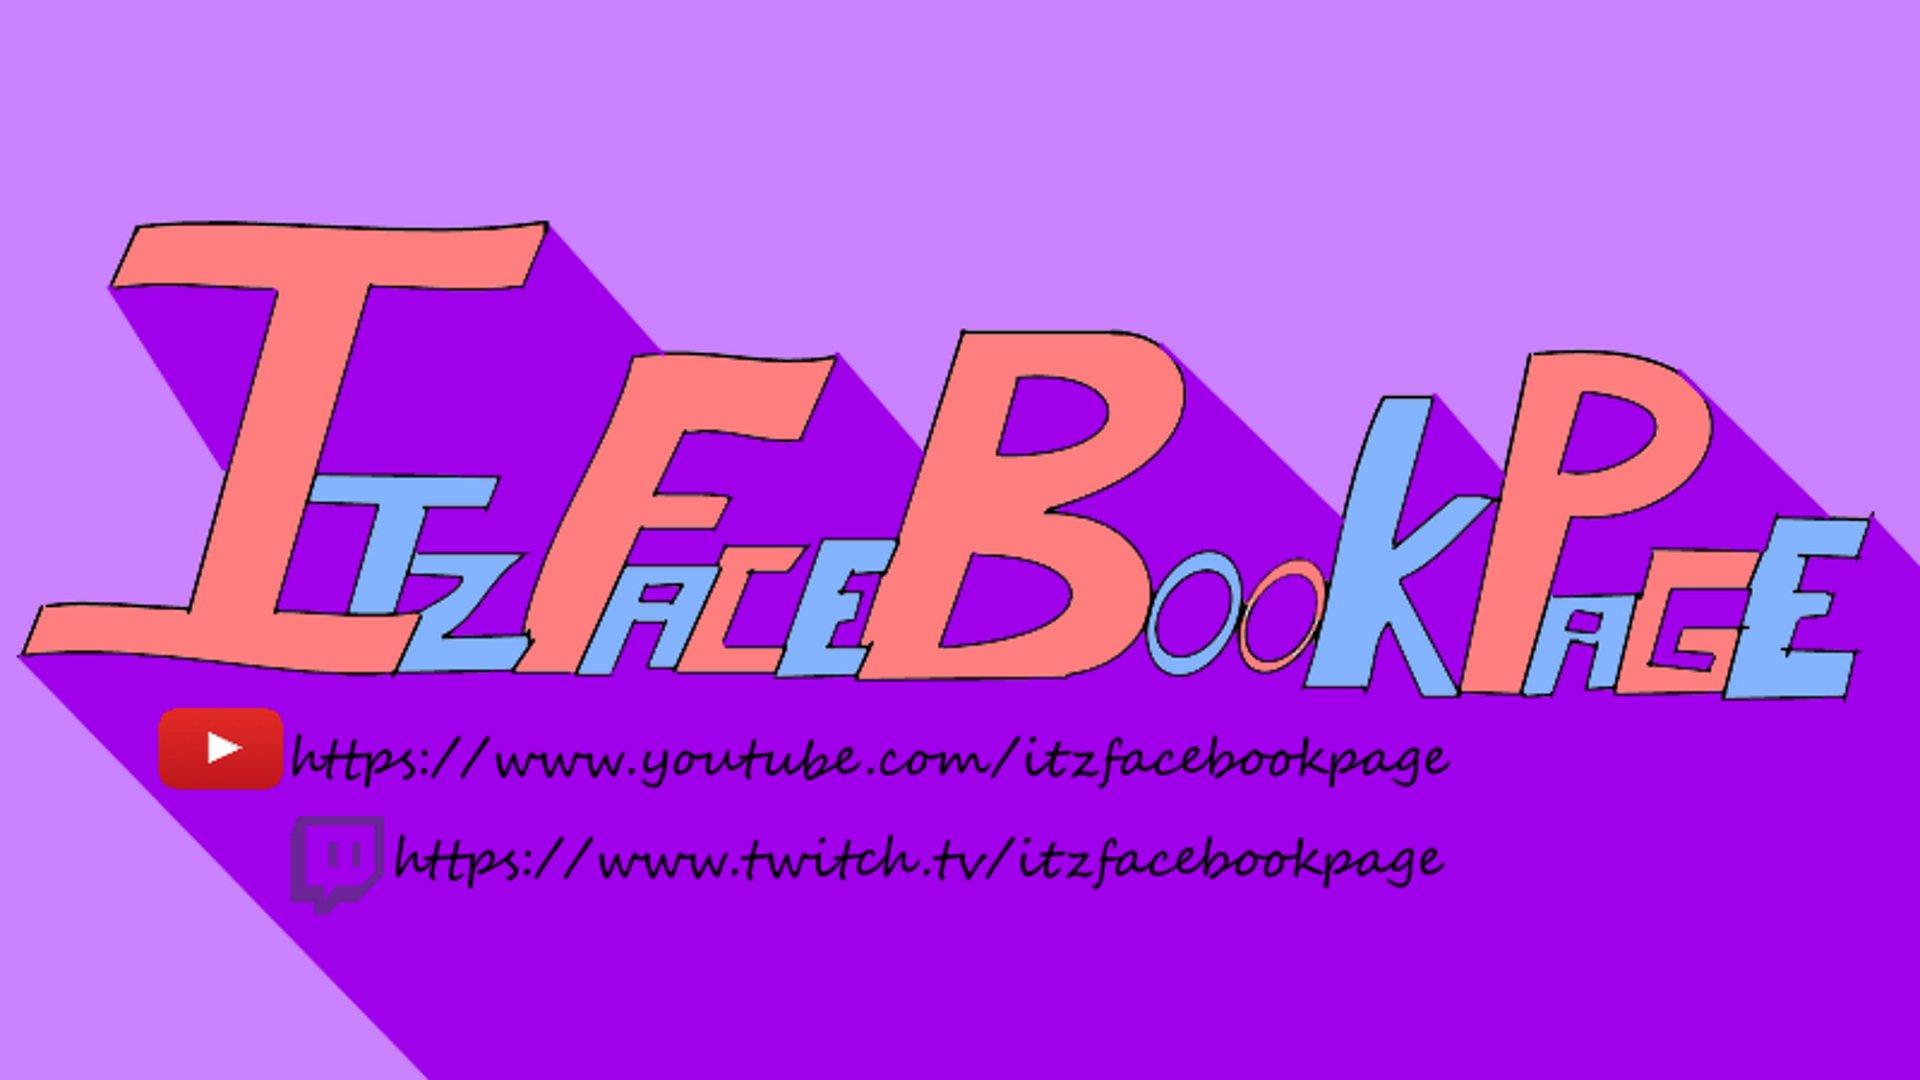 itzfacebookpage